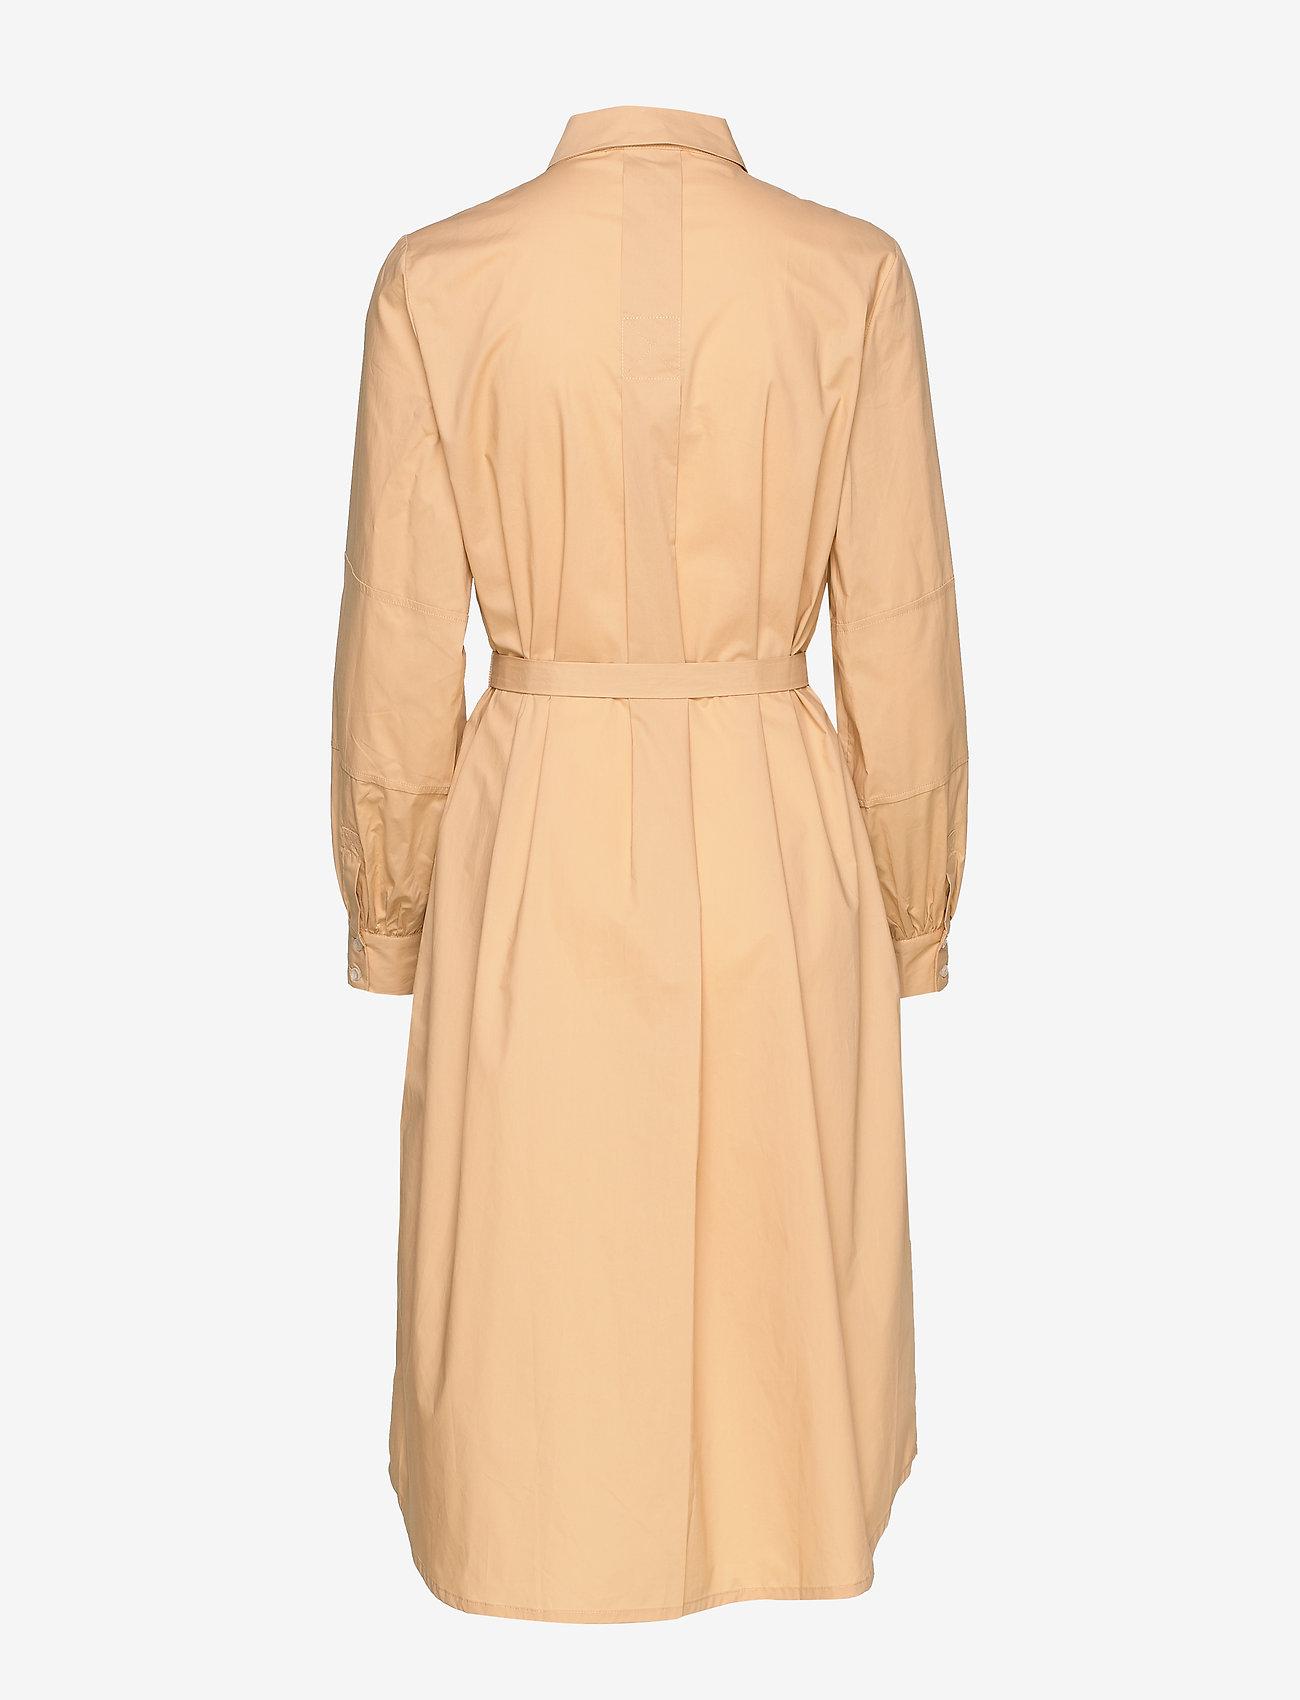 Soft Rebels Beatrice Midi Shirt Dress - Sukienki WARM SAND - Kobiety Odzież.